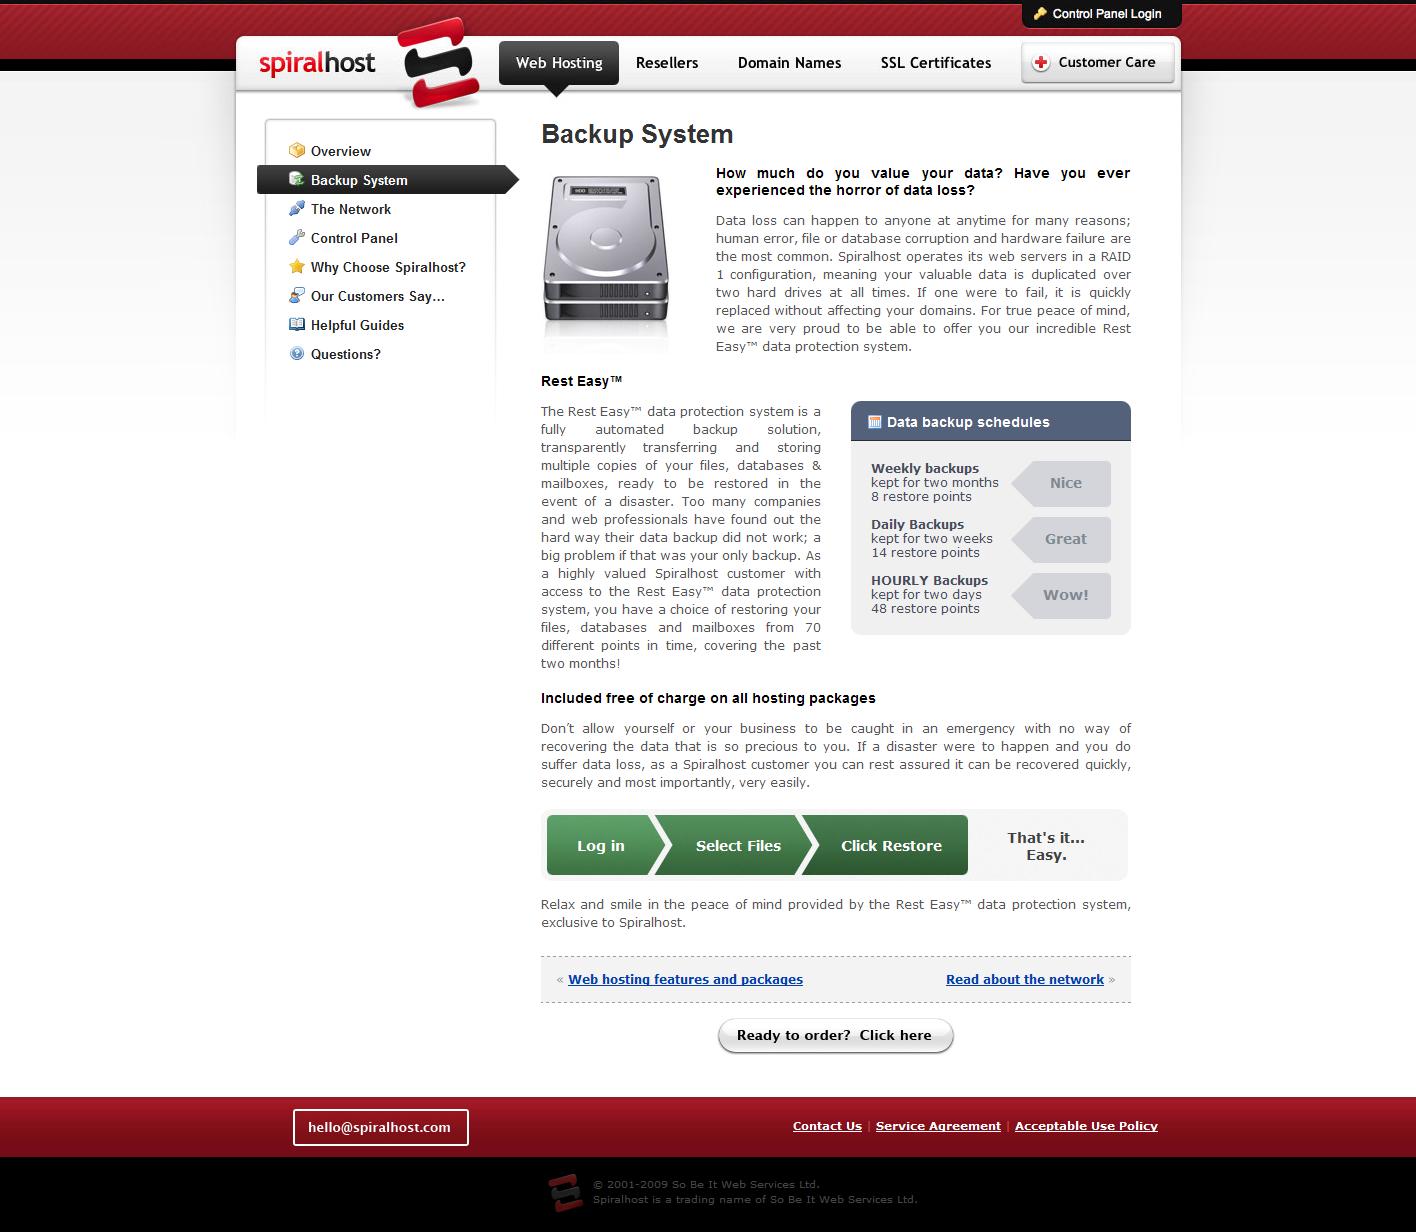 spiralhost homepage design